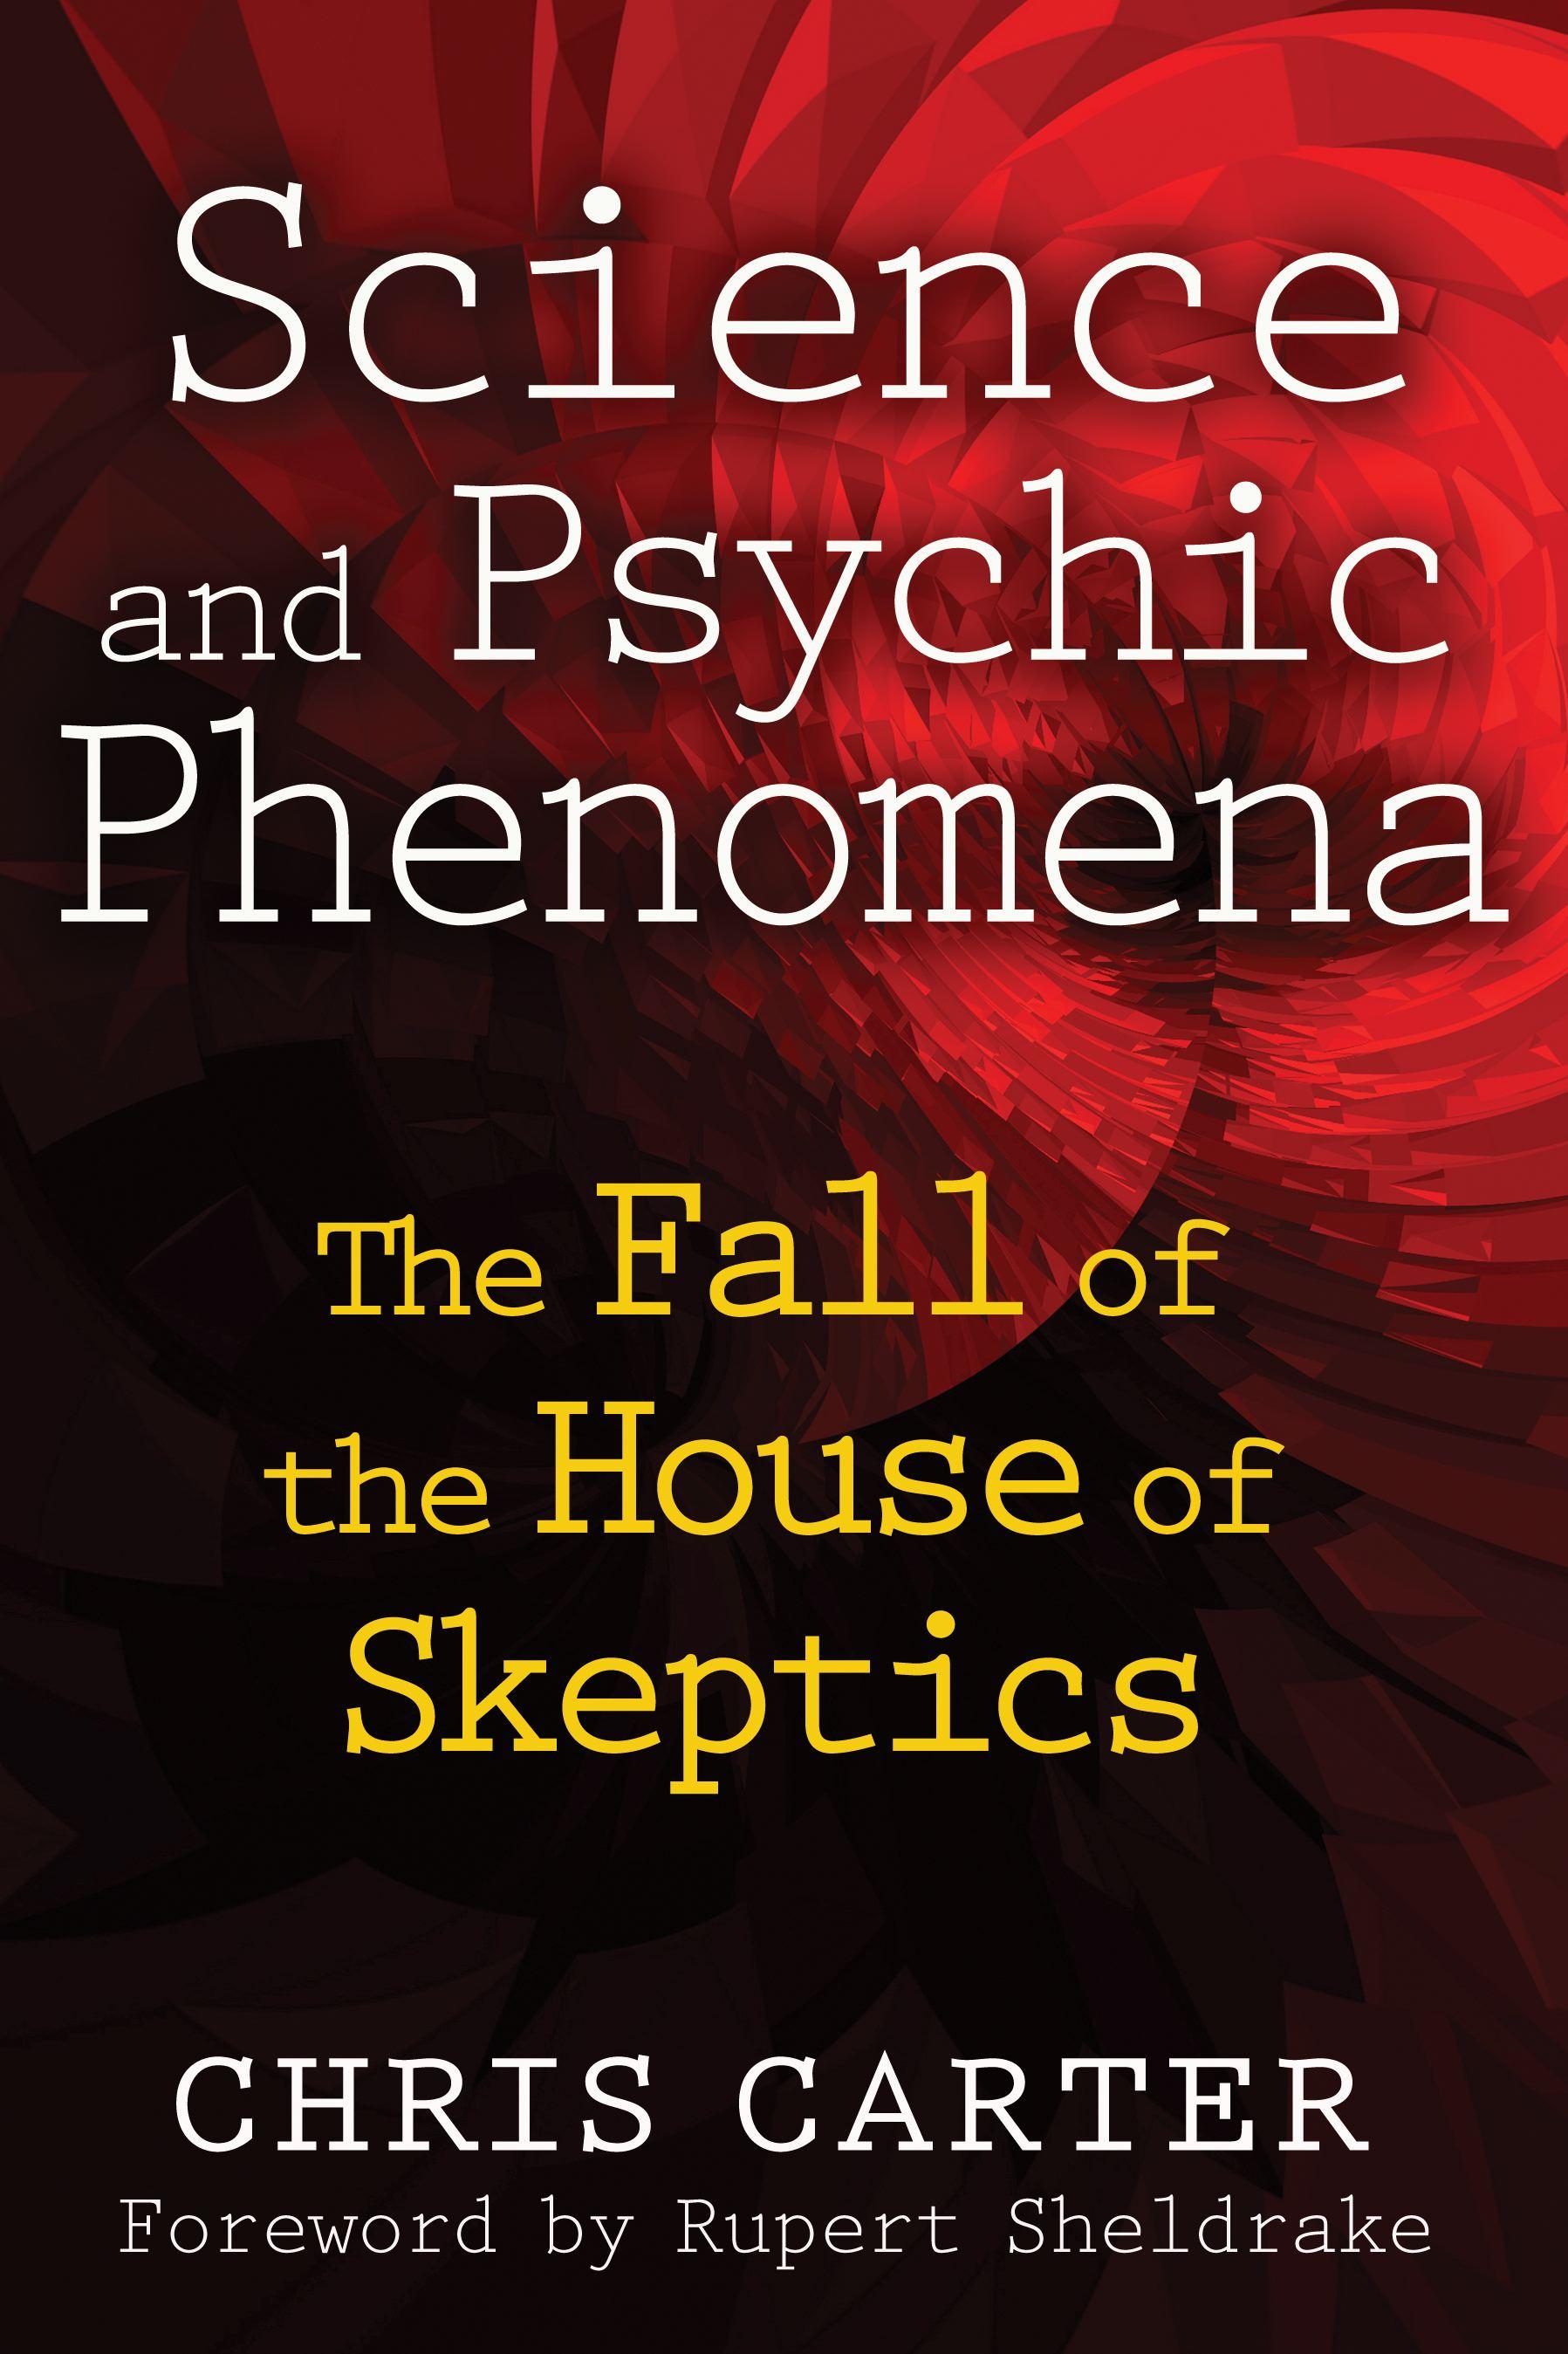 Science and psychic phenomena 9781594774515 hr